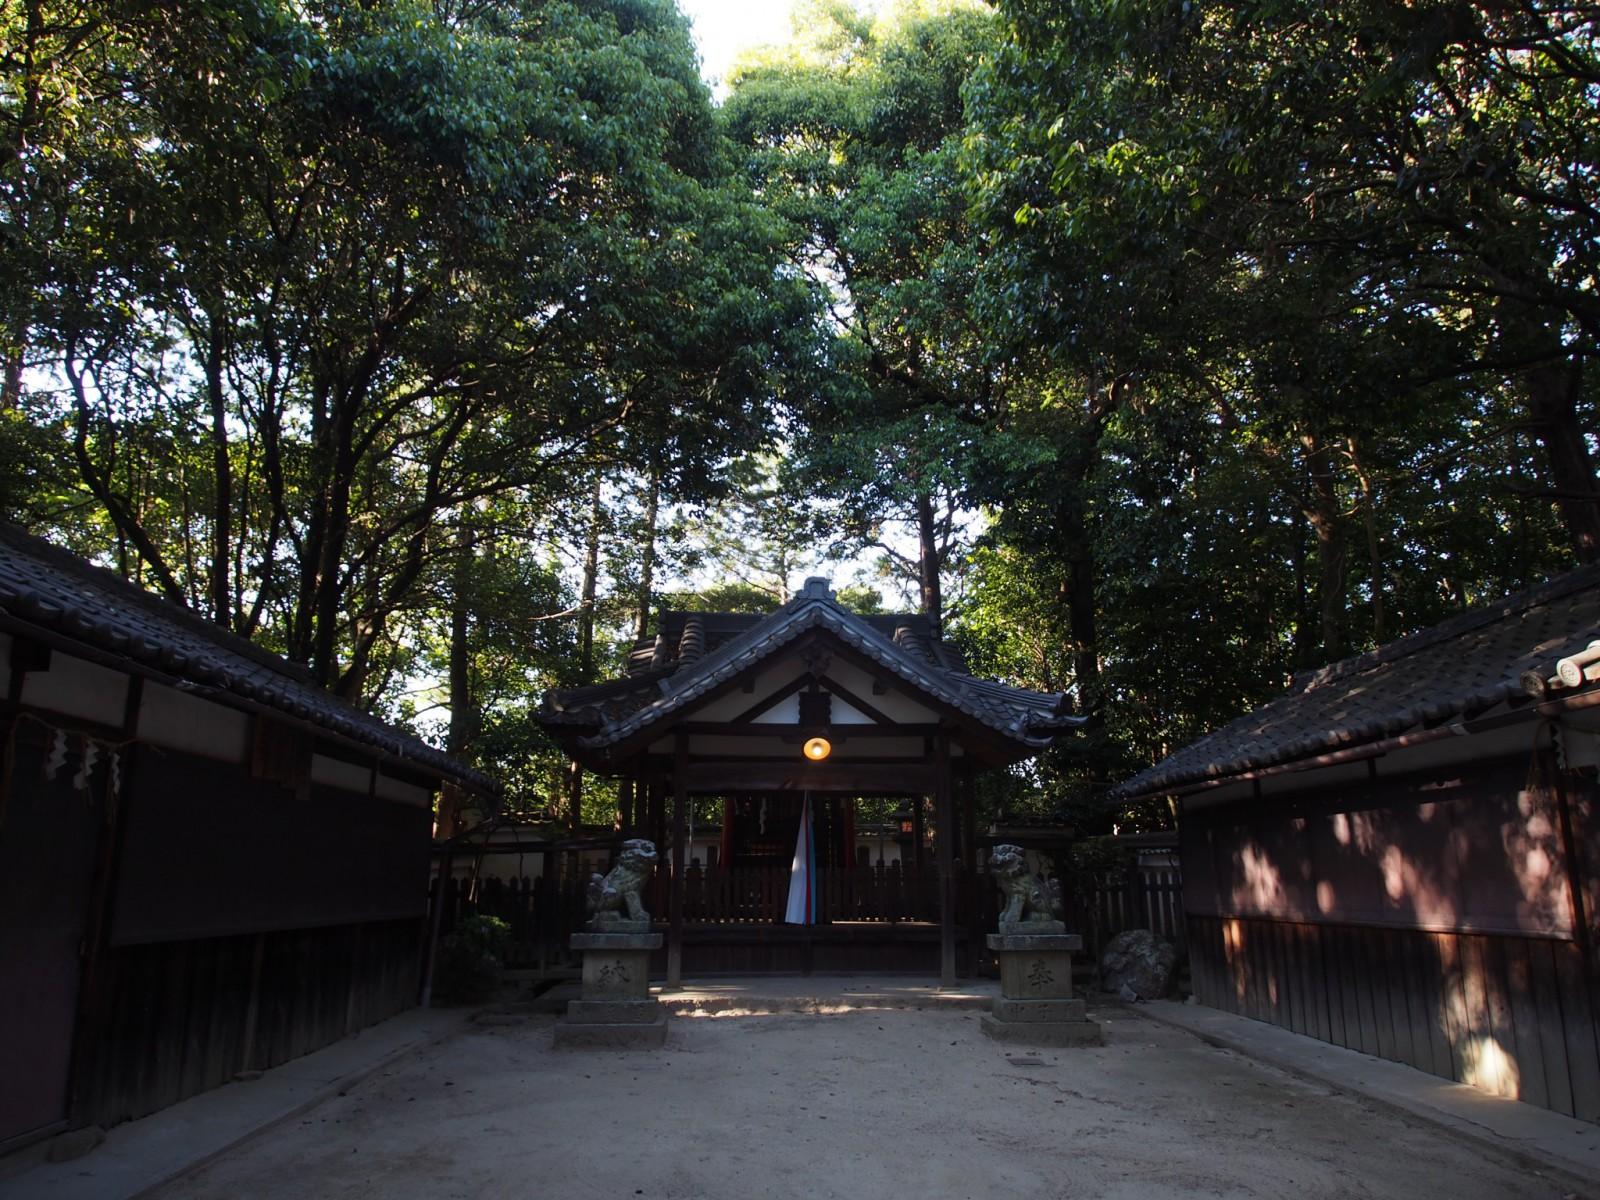 昼間でも非常に薄暗い空間である「佐紀神社(亀畑)」